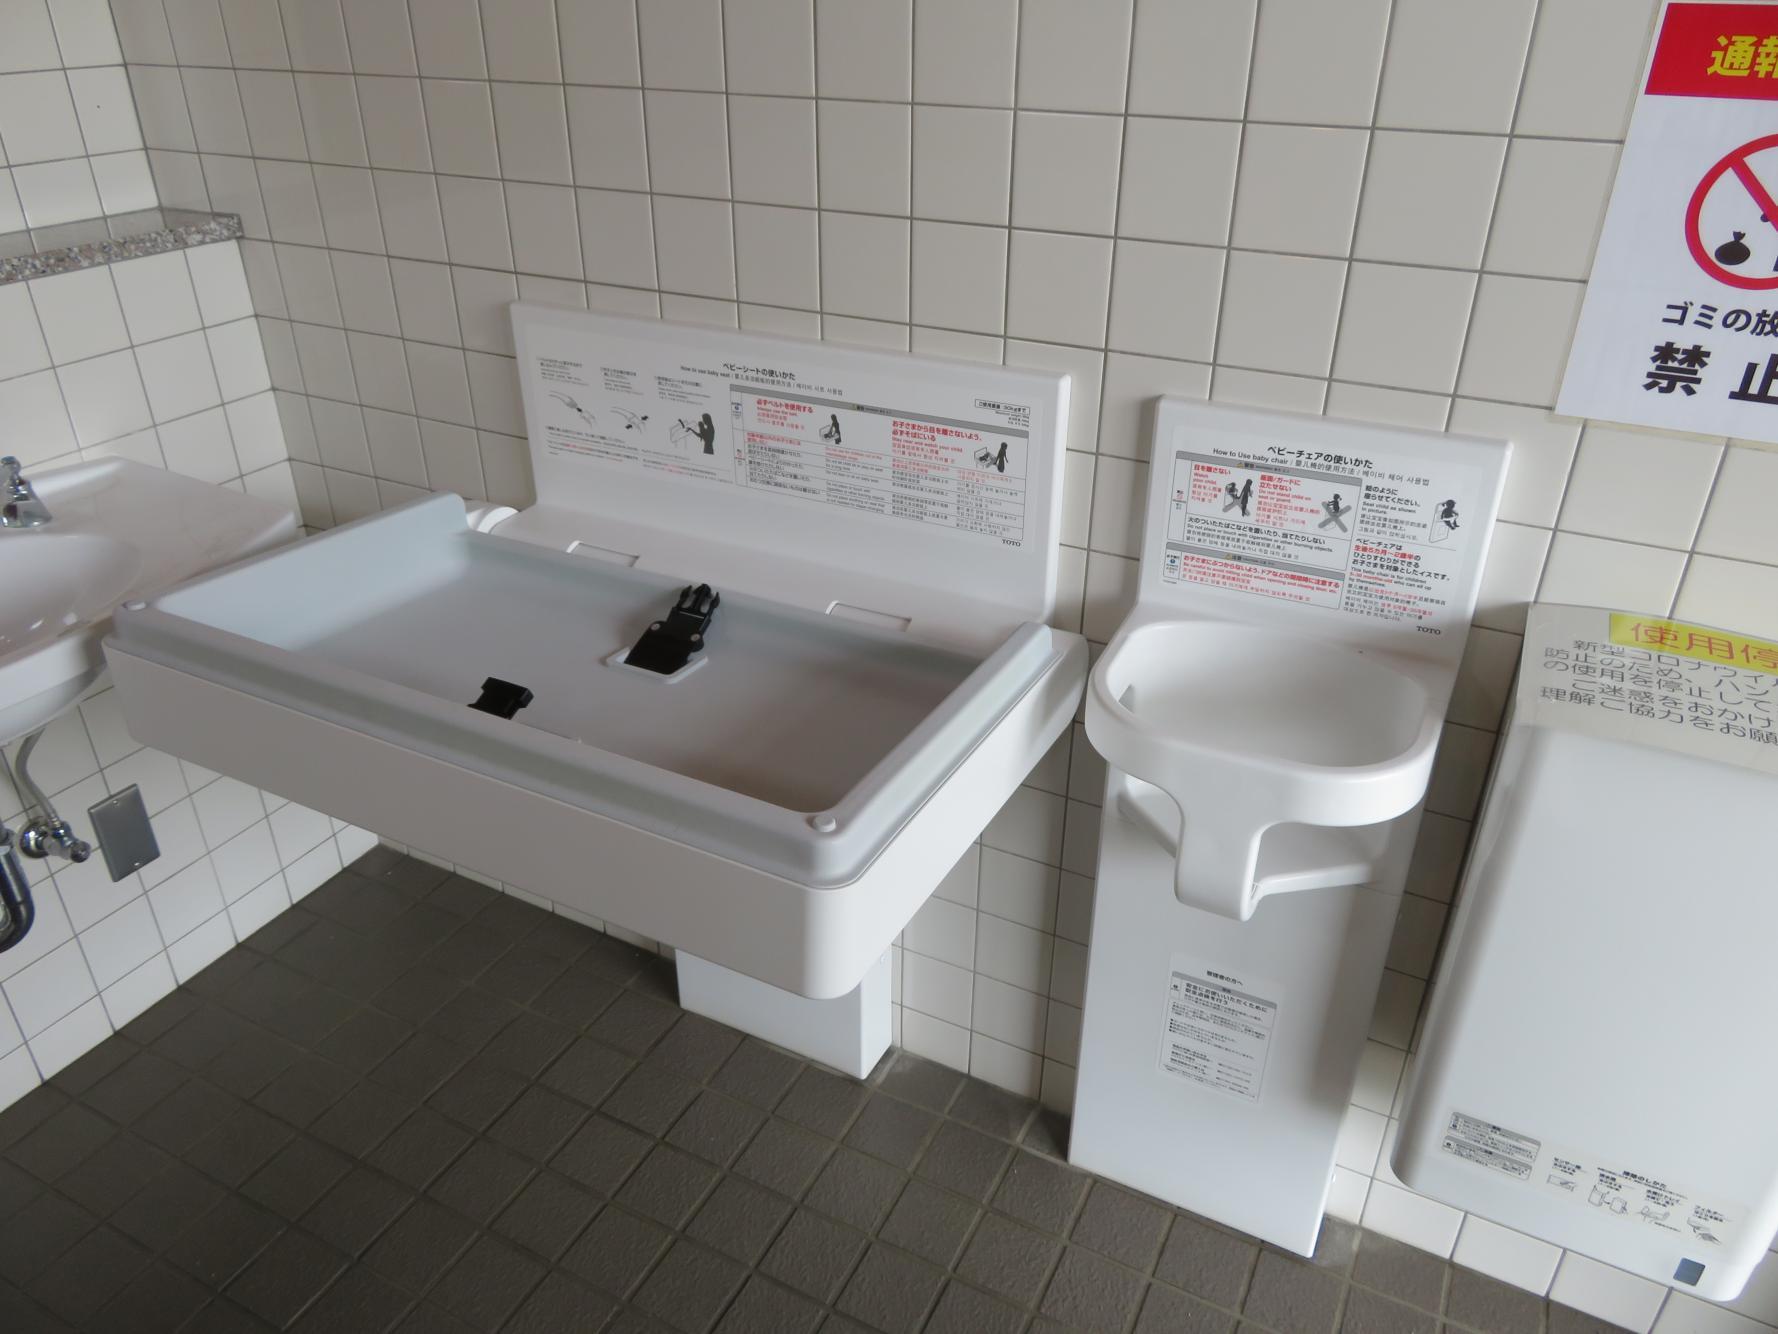 多目的トイレ内部②-2